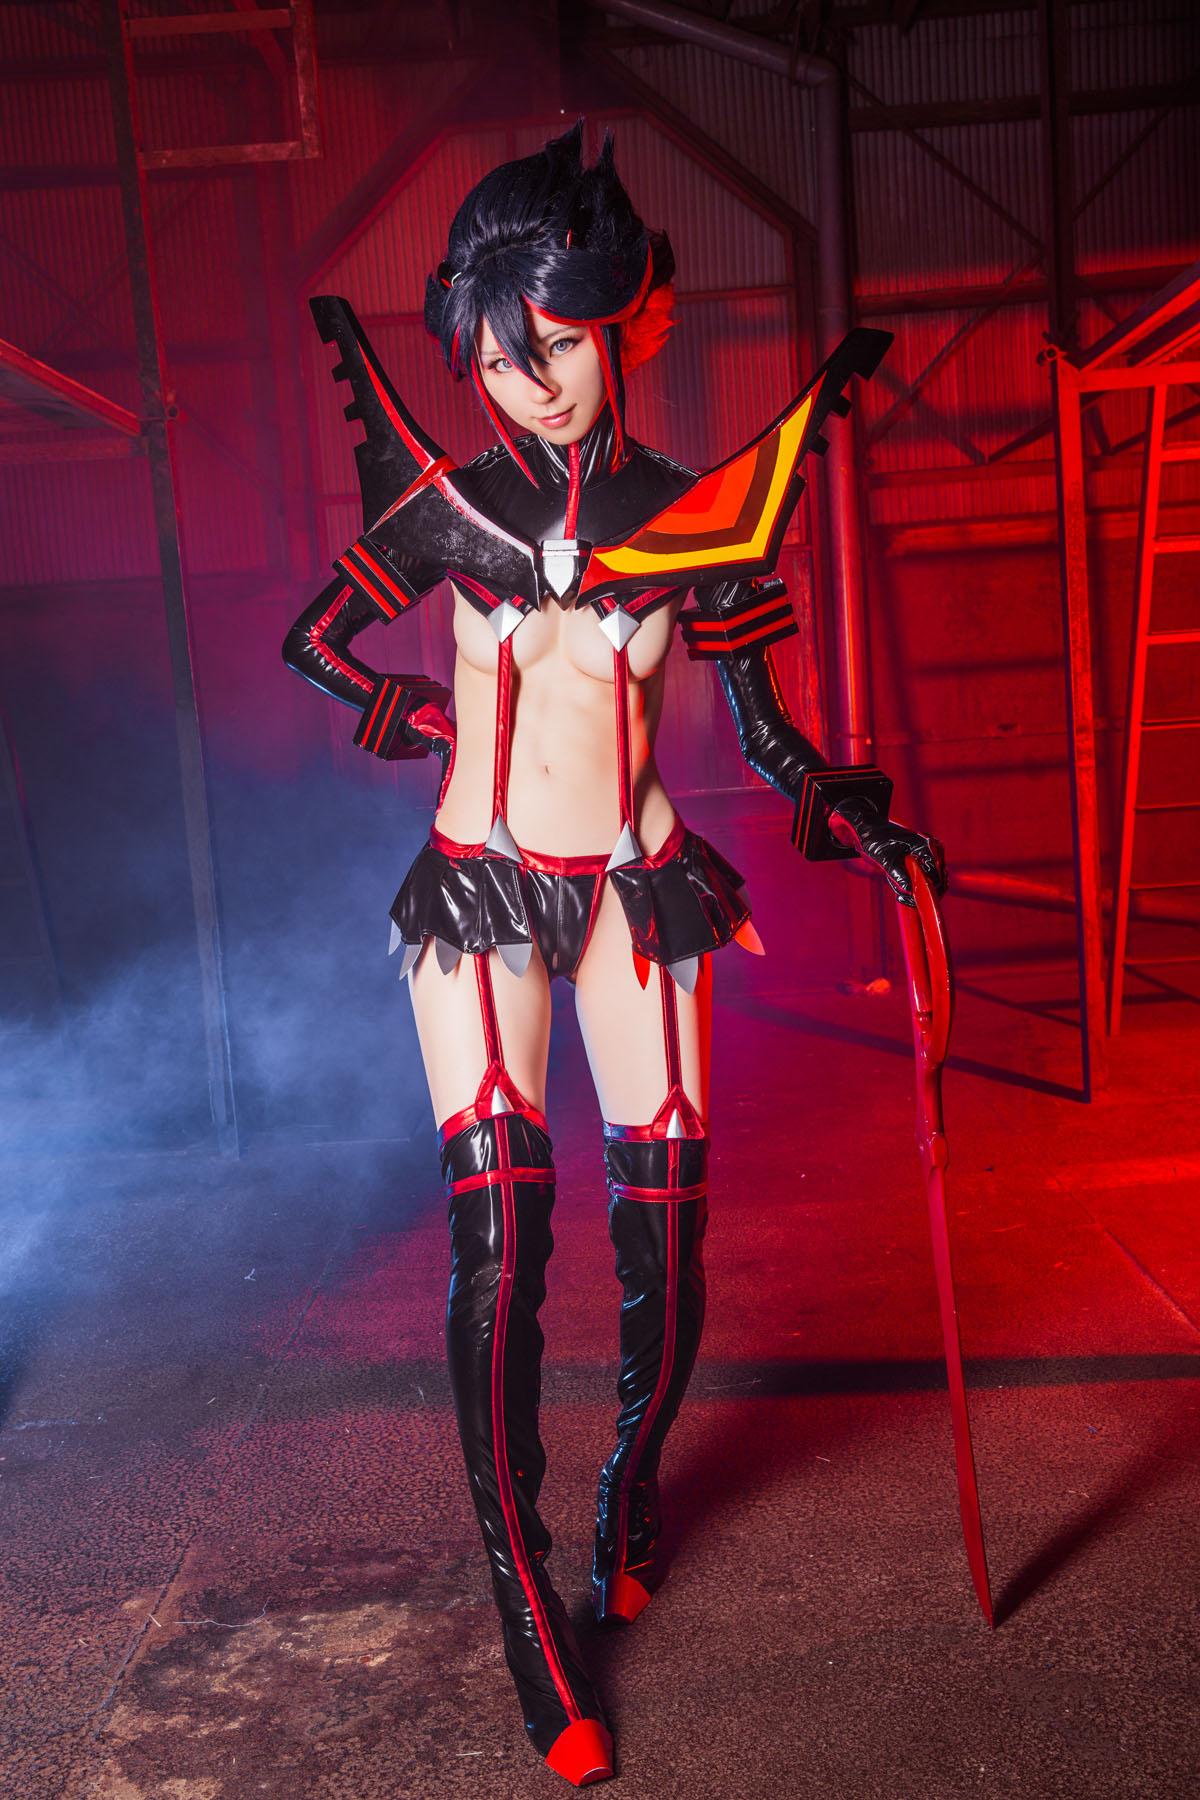 Kill la Kill Ryuuko Matoi anime cosplay by Mikehouse 0095